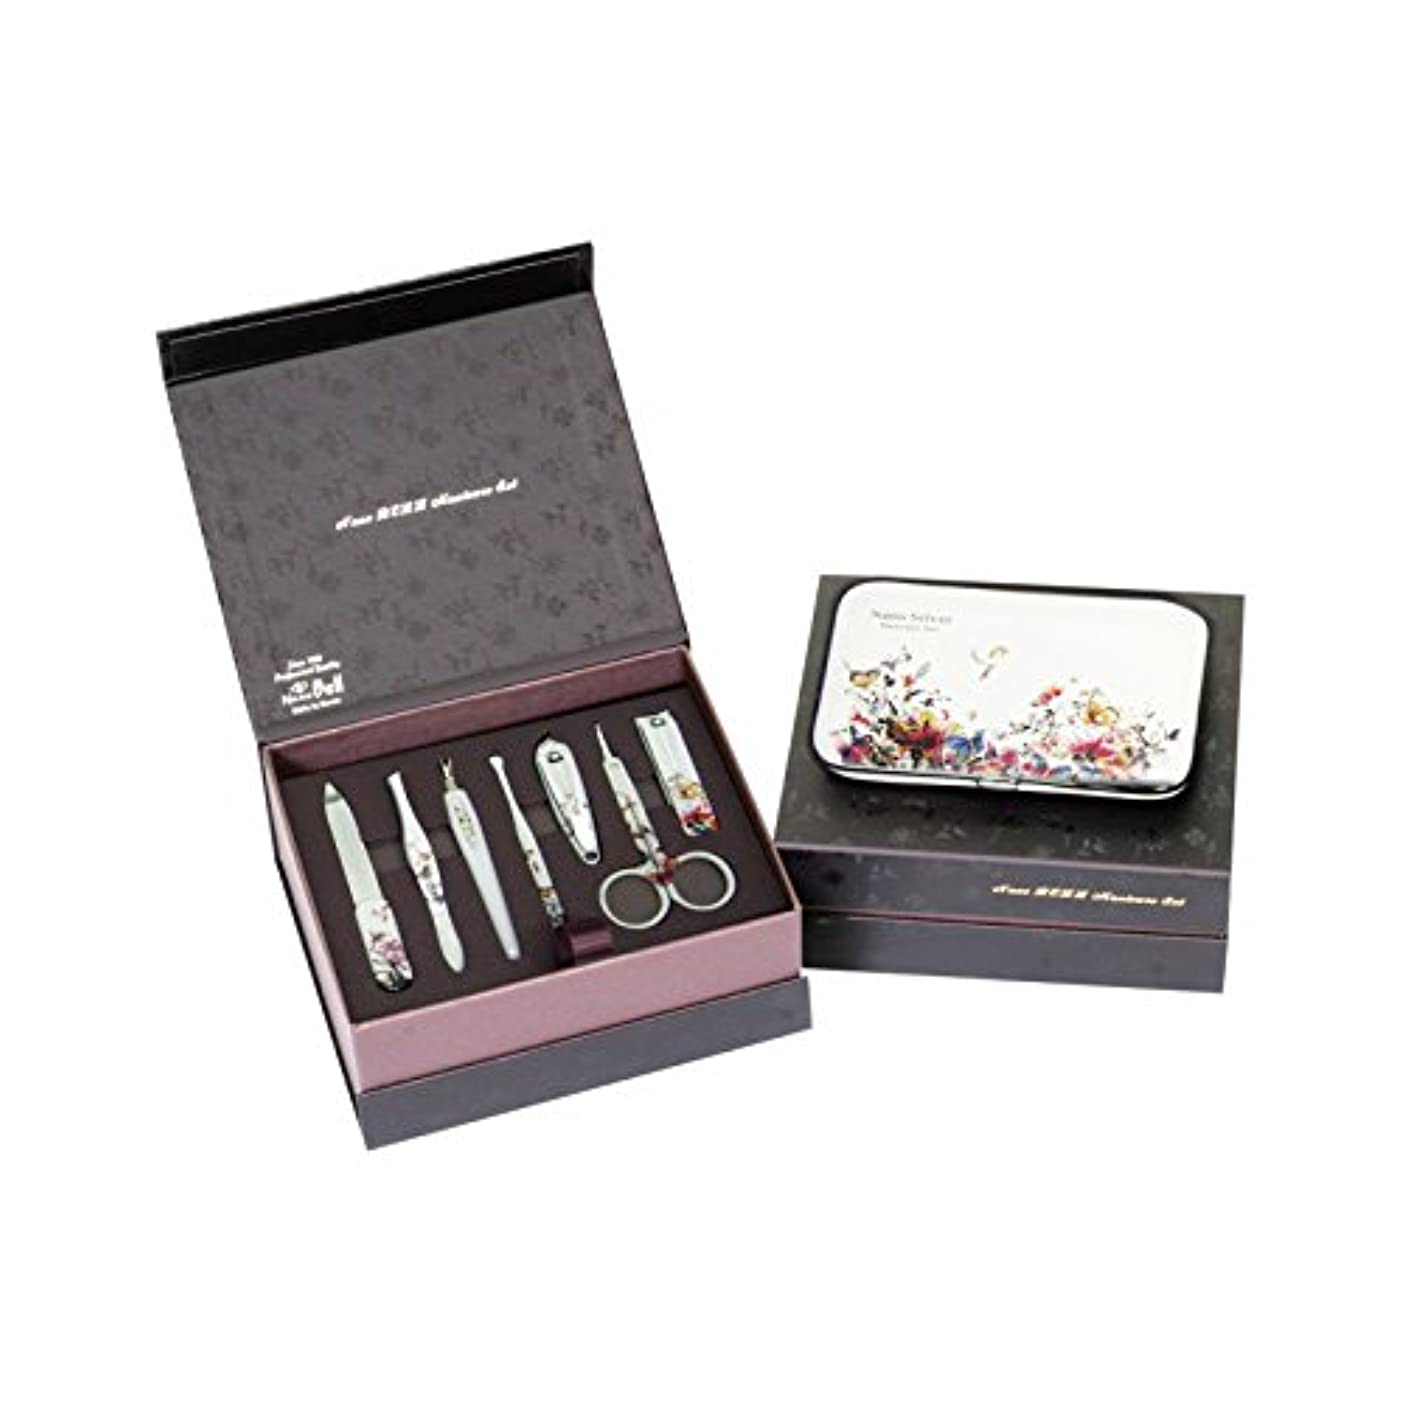 何十人も強います薄暗いMETAL BELL Manicure Sets BN-8177B ポータブル爪の管理セット爪切りセット 高品質のネイルケアセット高級感のある東洋画のデザイン Portable Nail Clippers Nail Care...